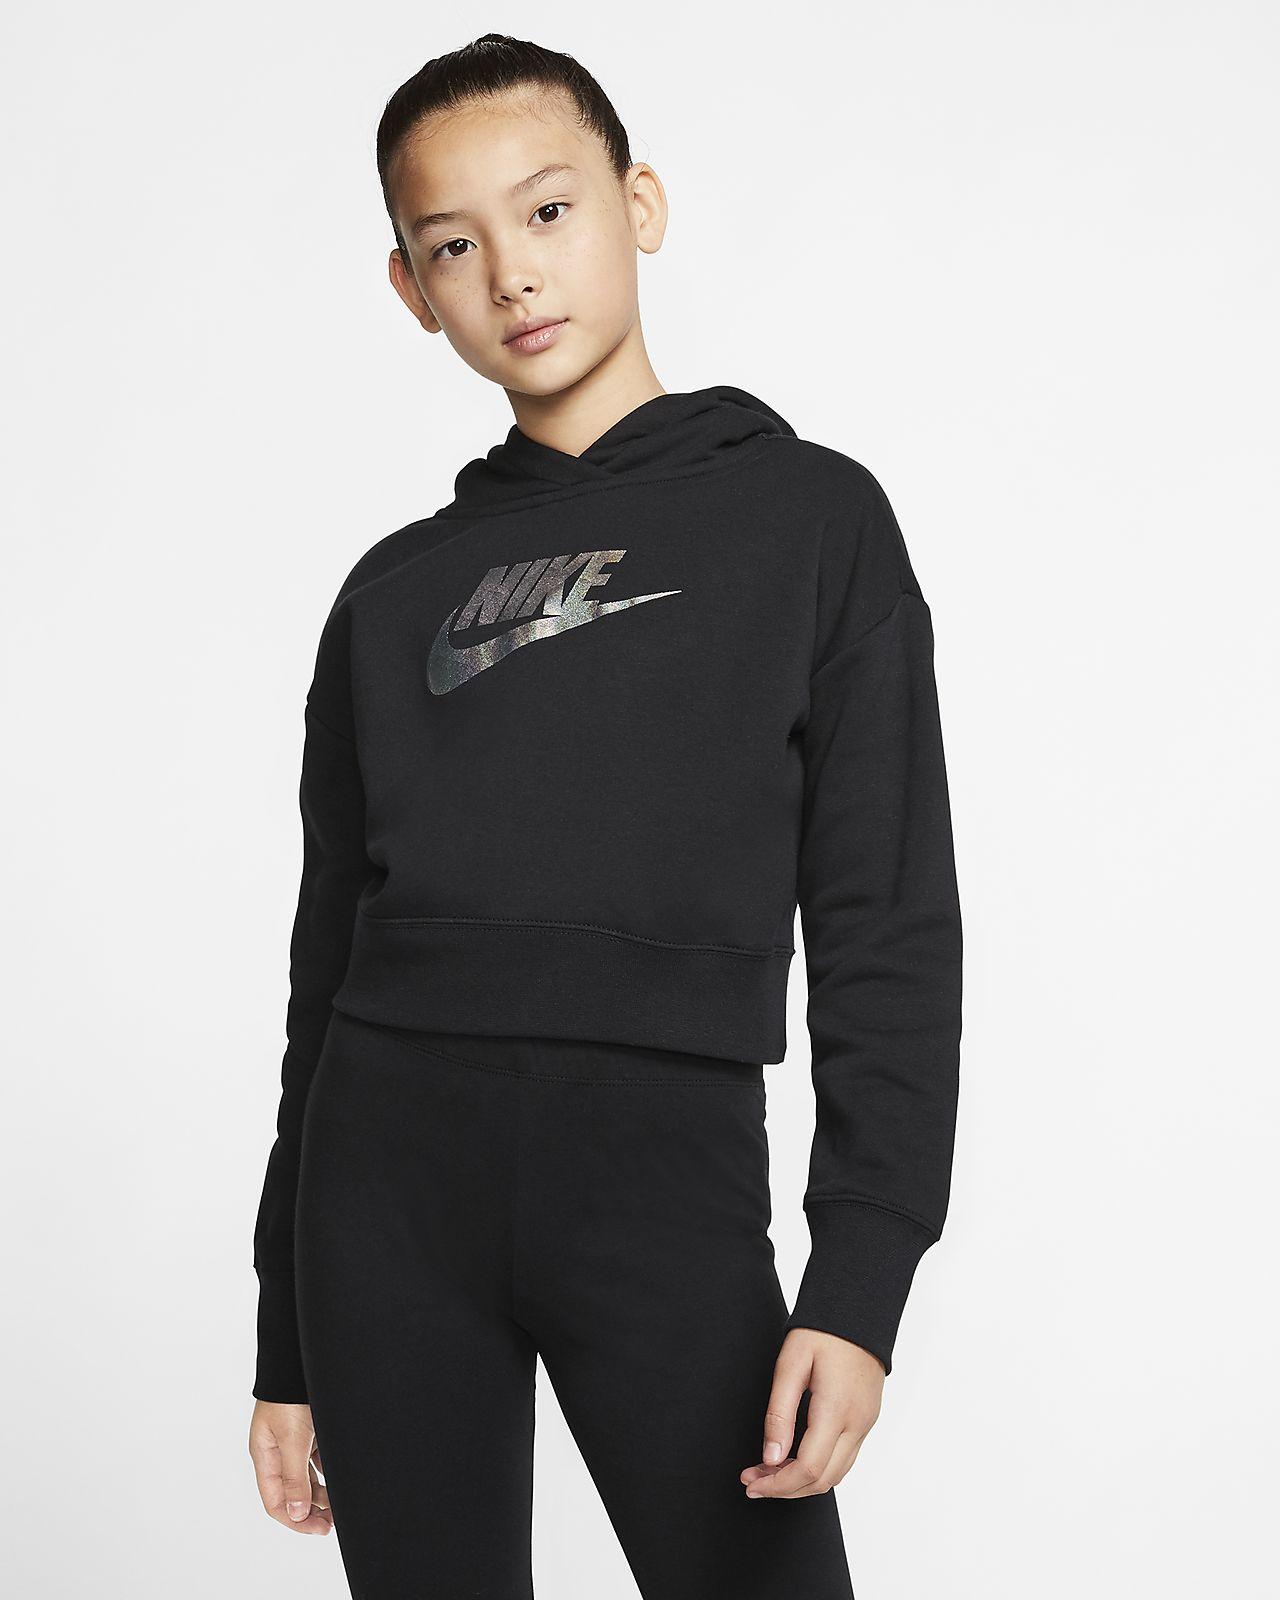 Nike Sportswear Sudadera con capucha corta - Niña